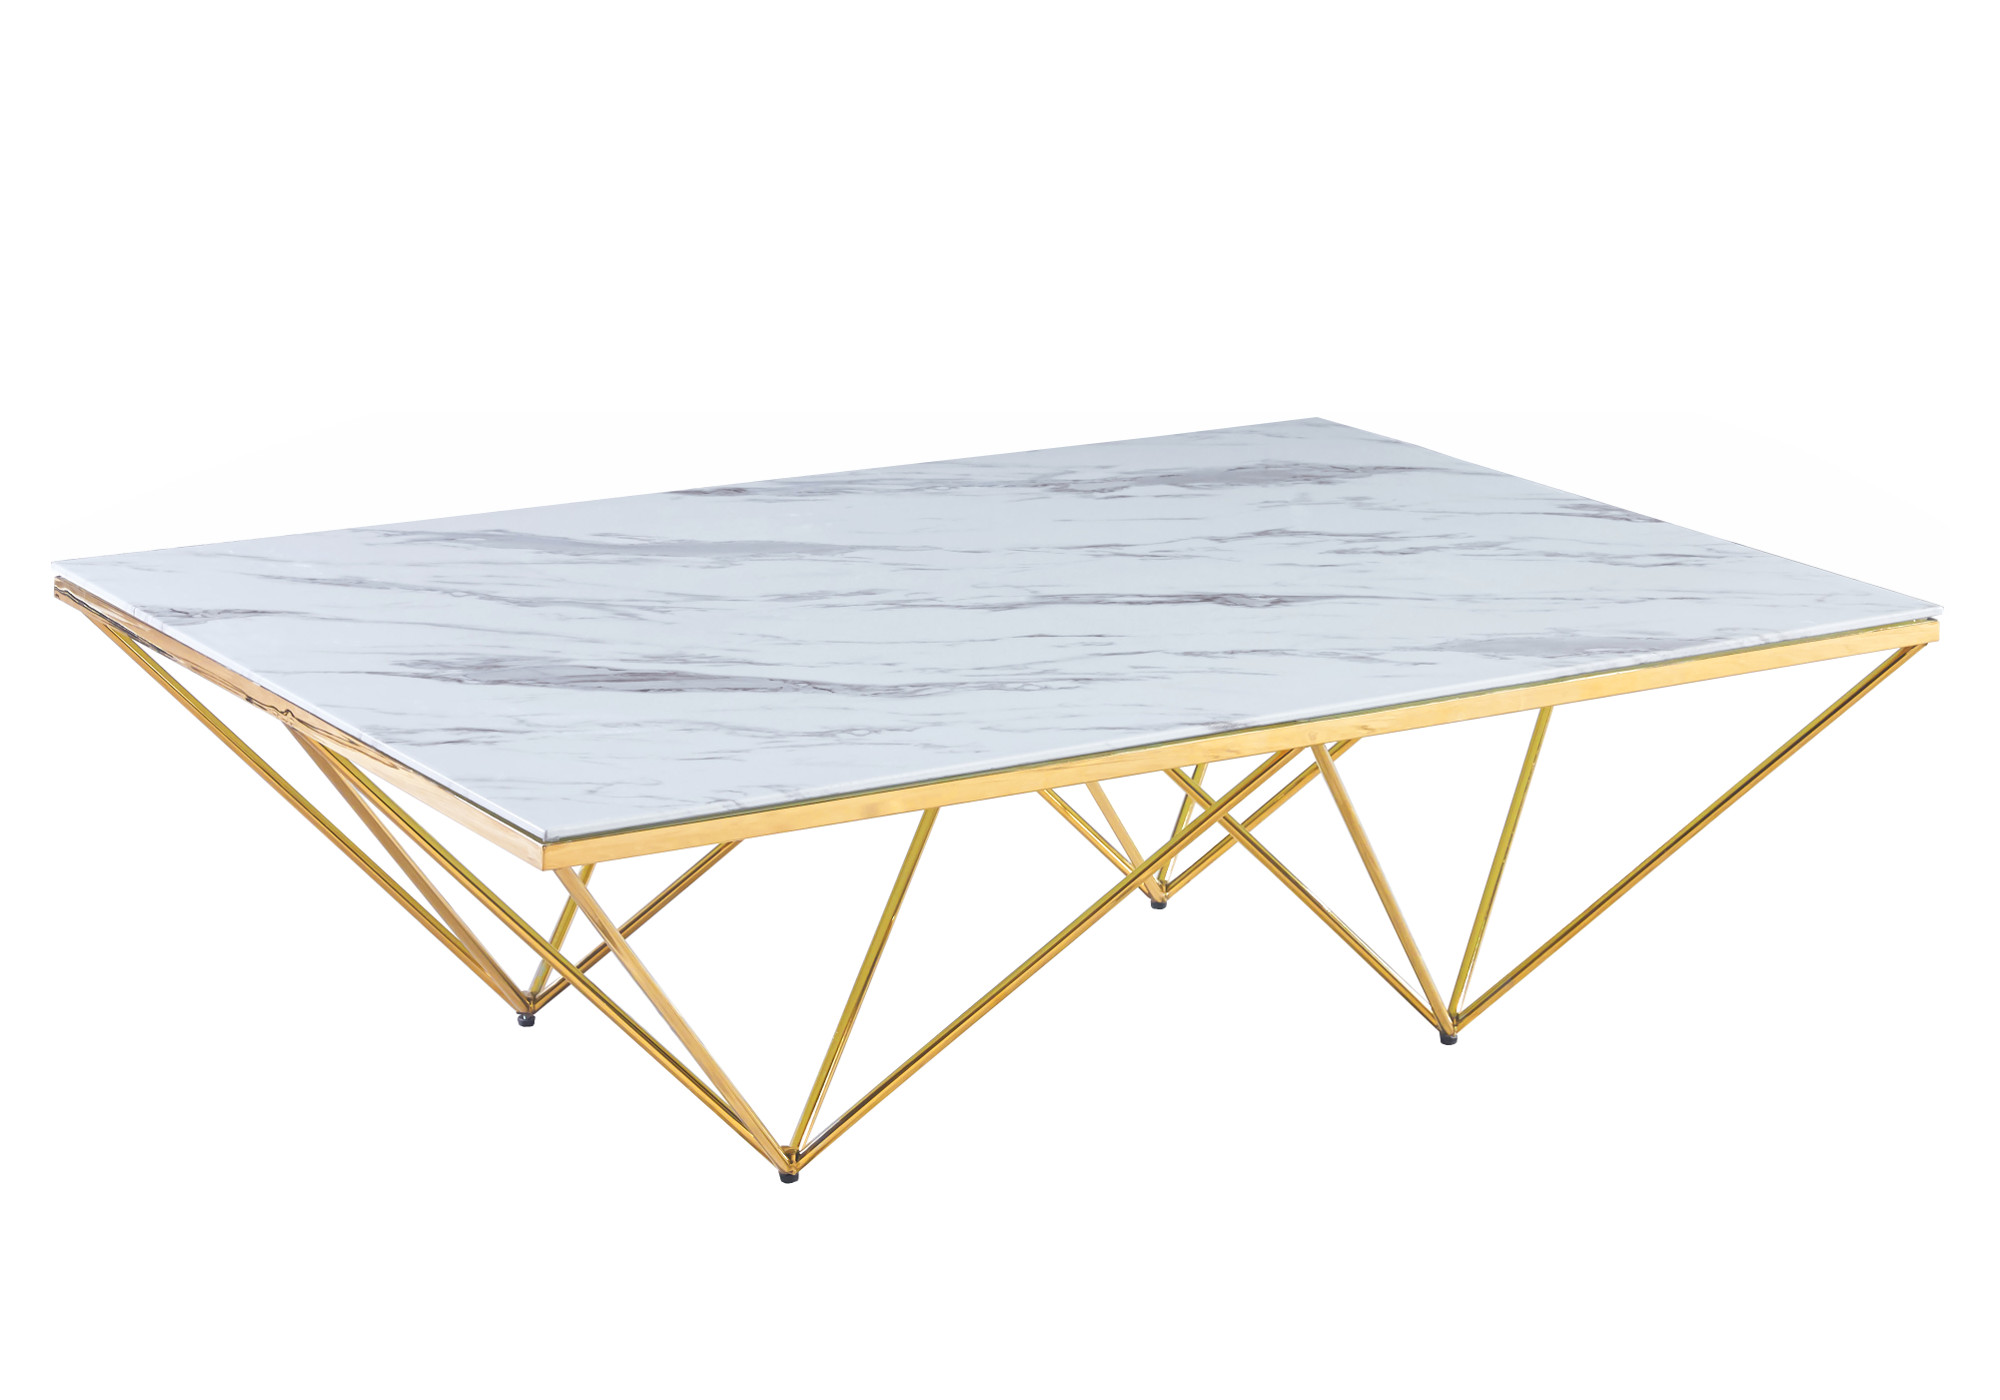 Table basse design doré marbre ILÉA